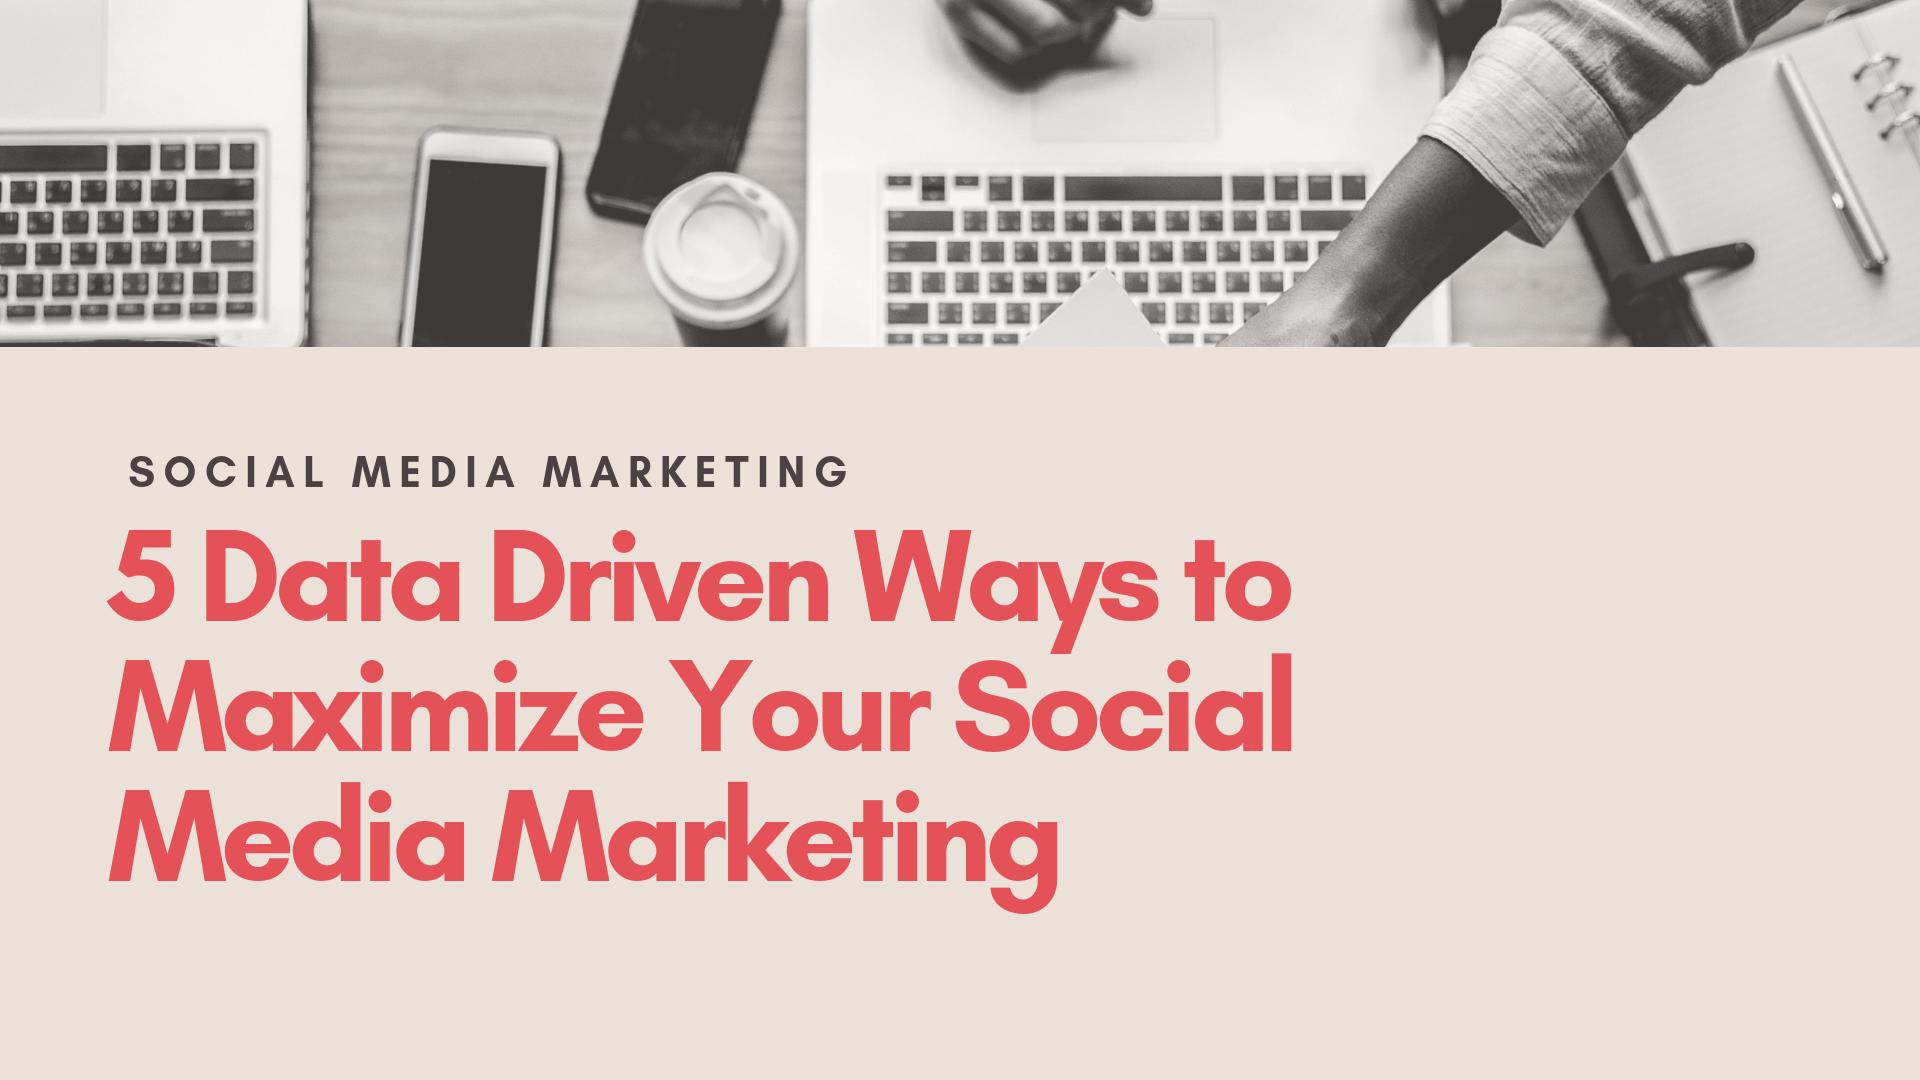 5 Data Drive Ways to Maximize Social Media Marketing